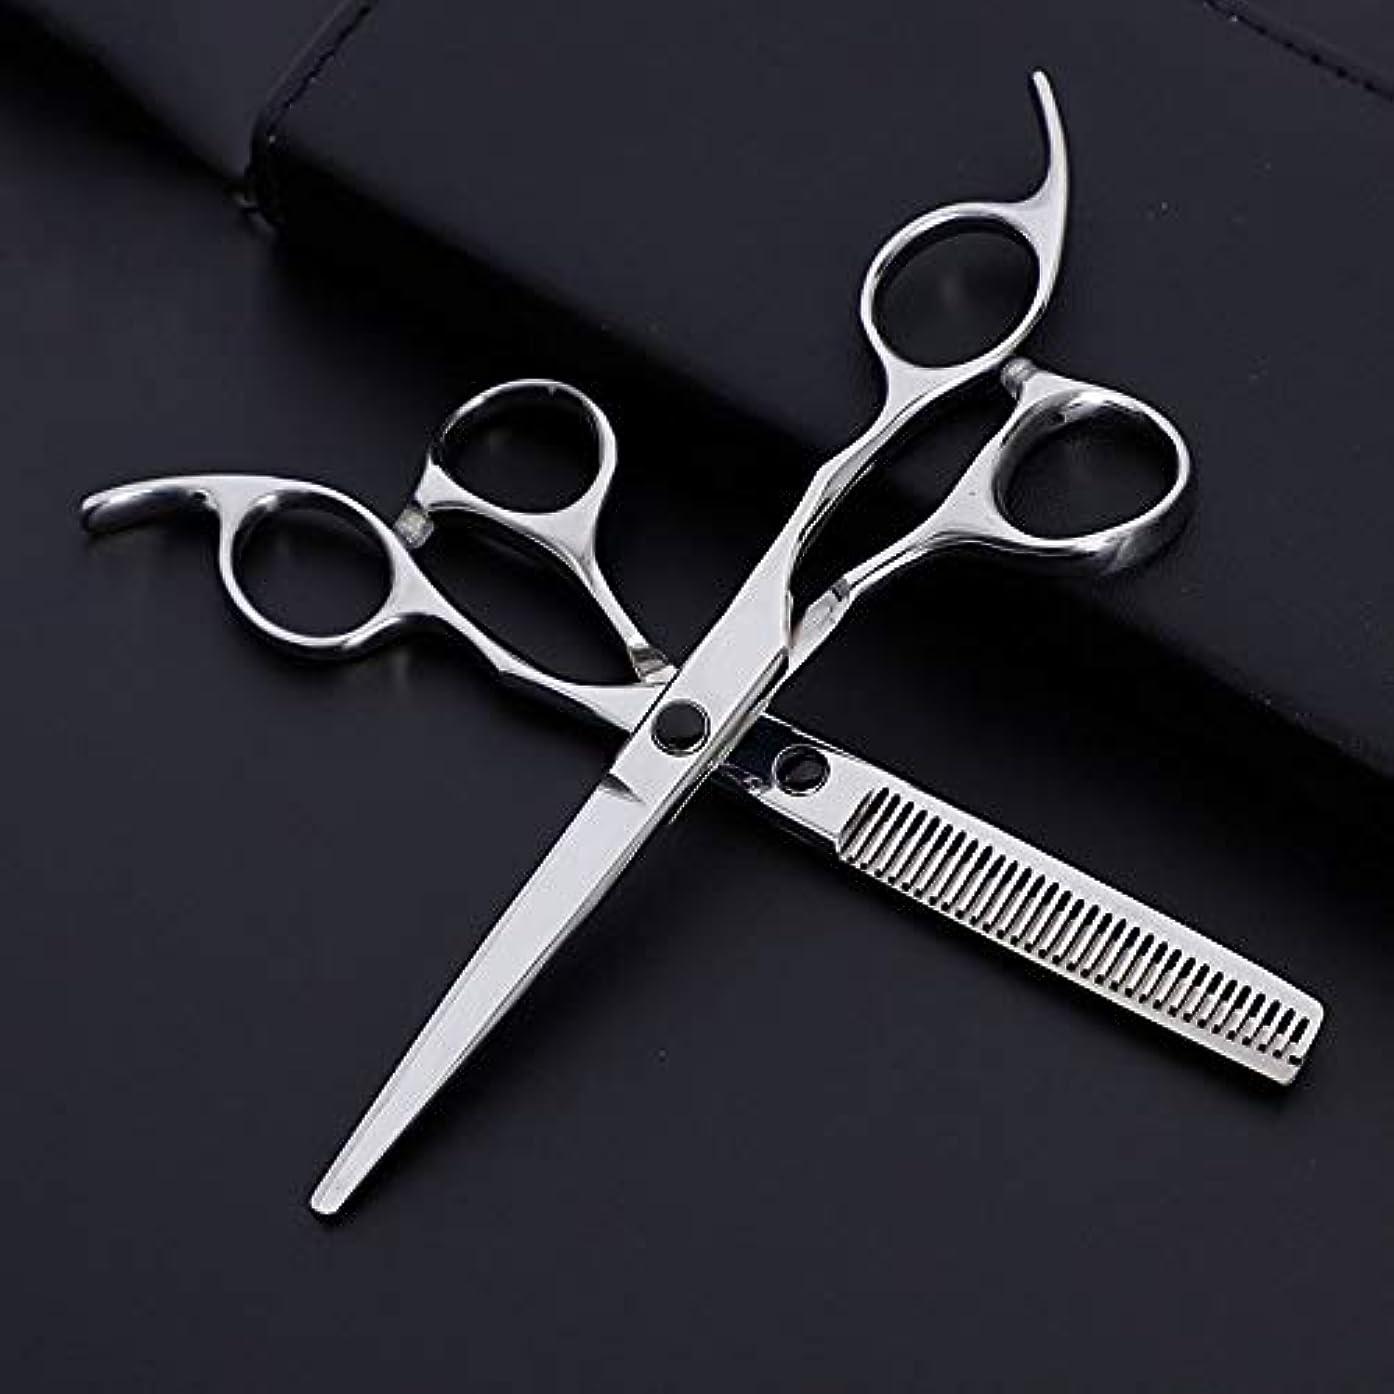 生まれメディア会話6インチ美容院プロフェッショナル理髪セット理髪はさみセット モデリングツール (色 : Silver)